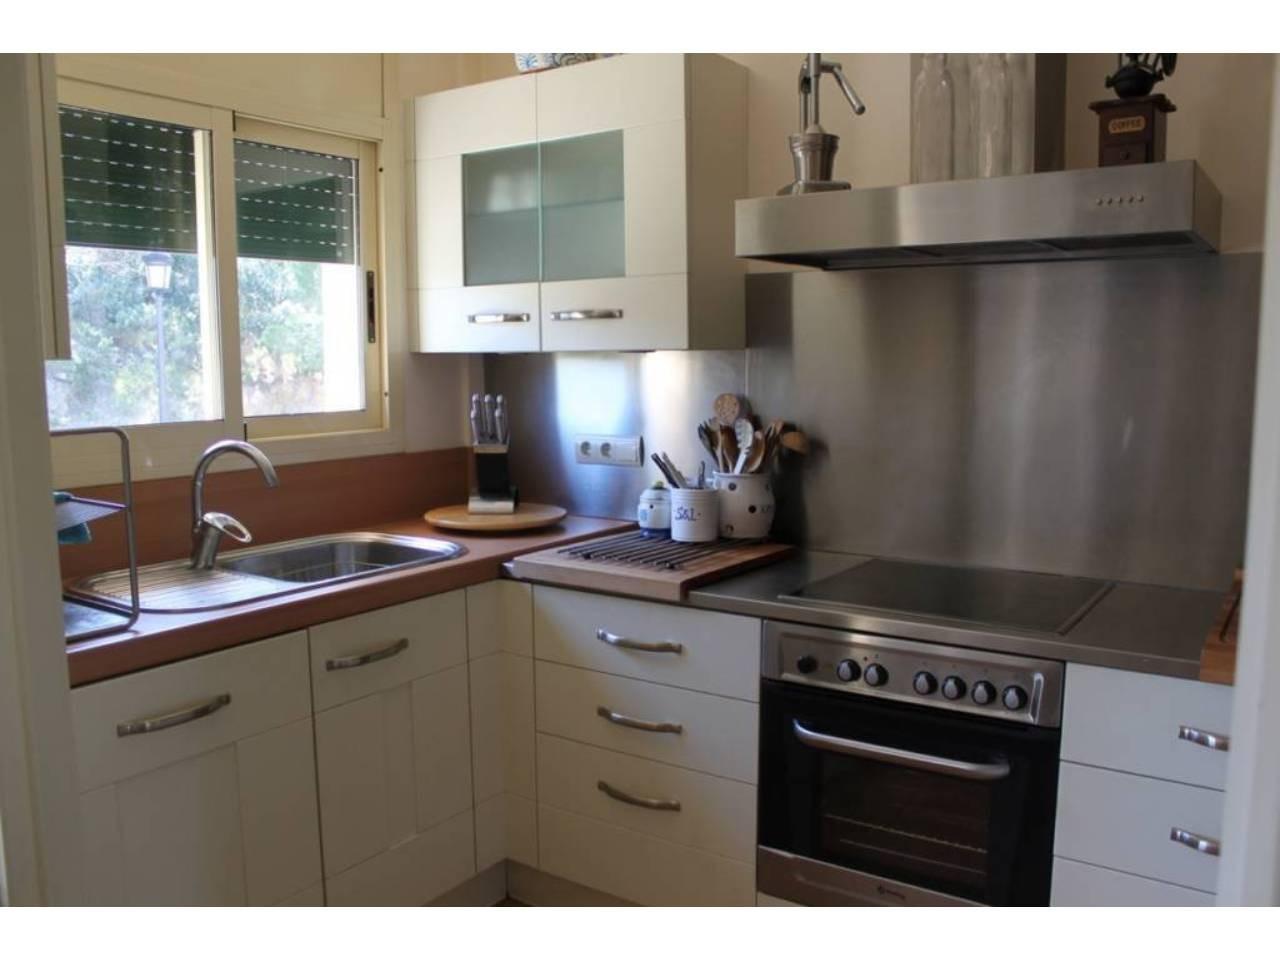 Maison confortable avec trois étages, situé dans el molí de les forques - 2640